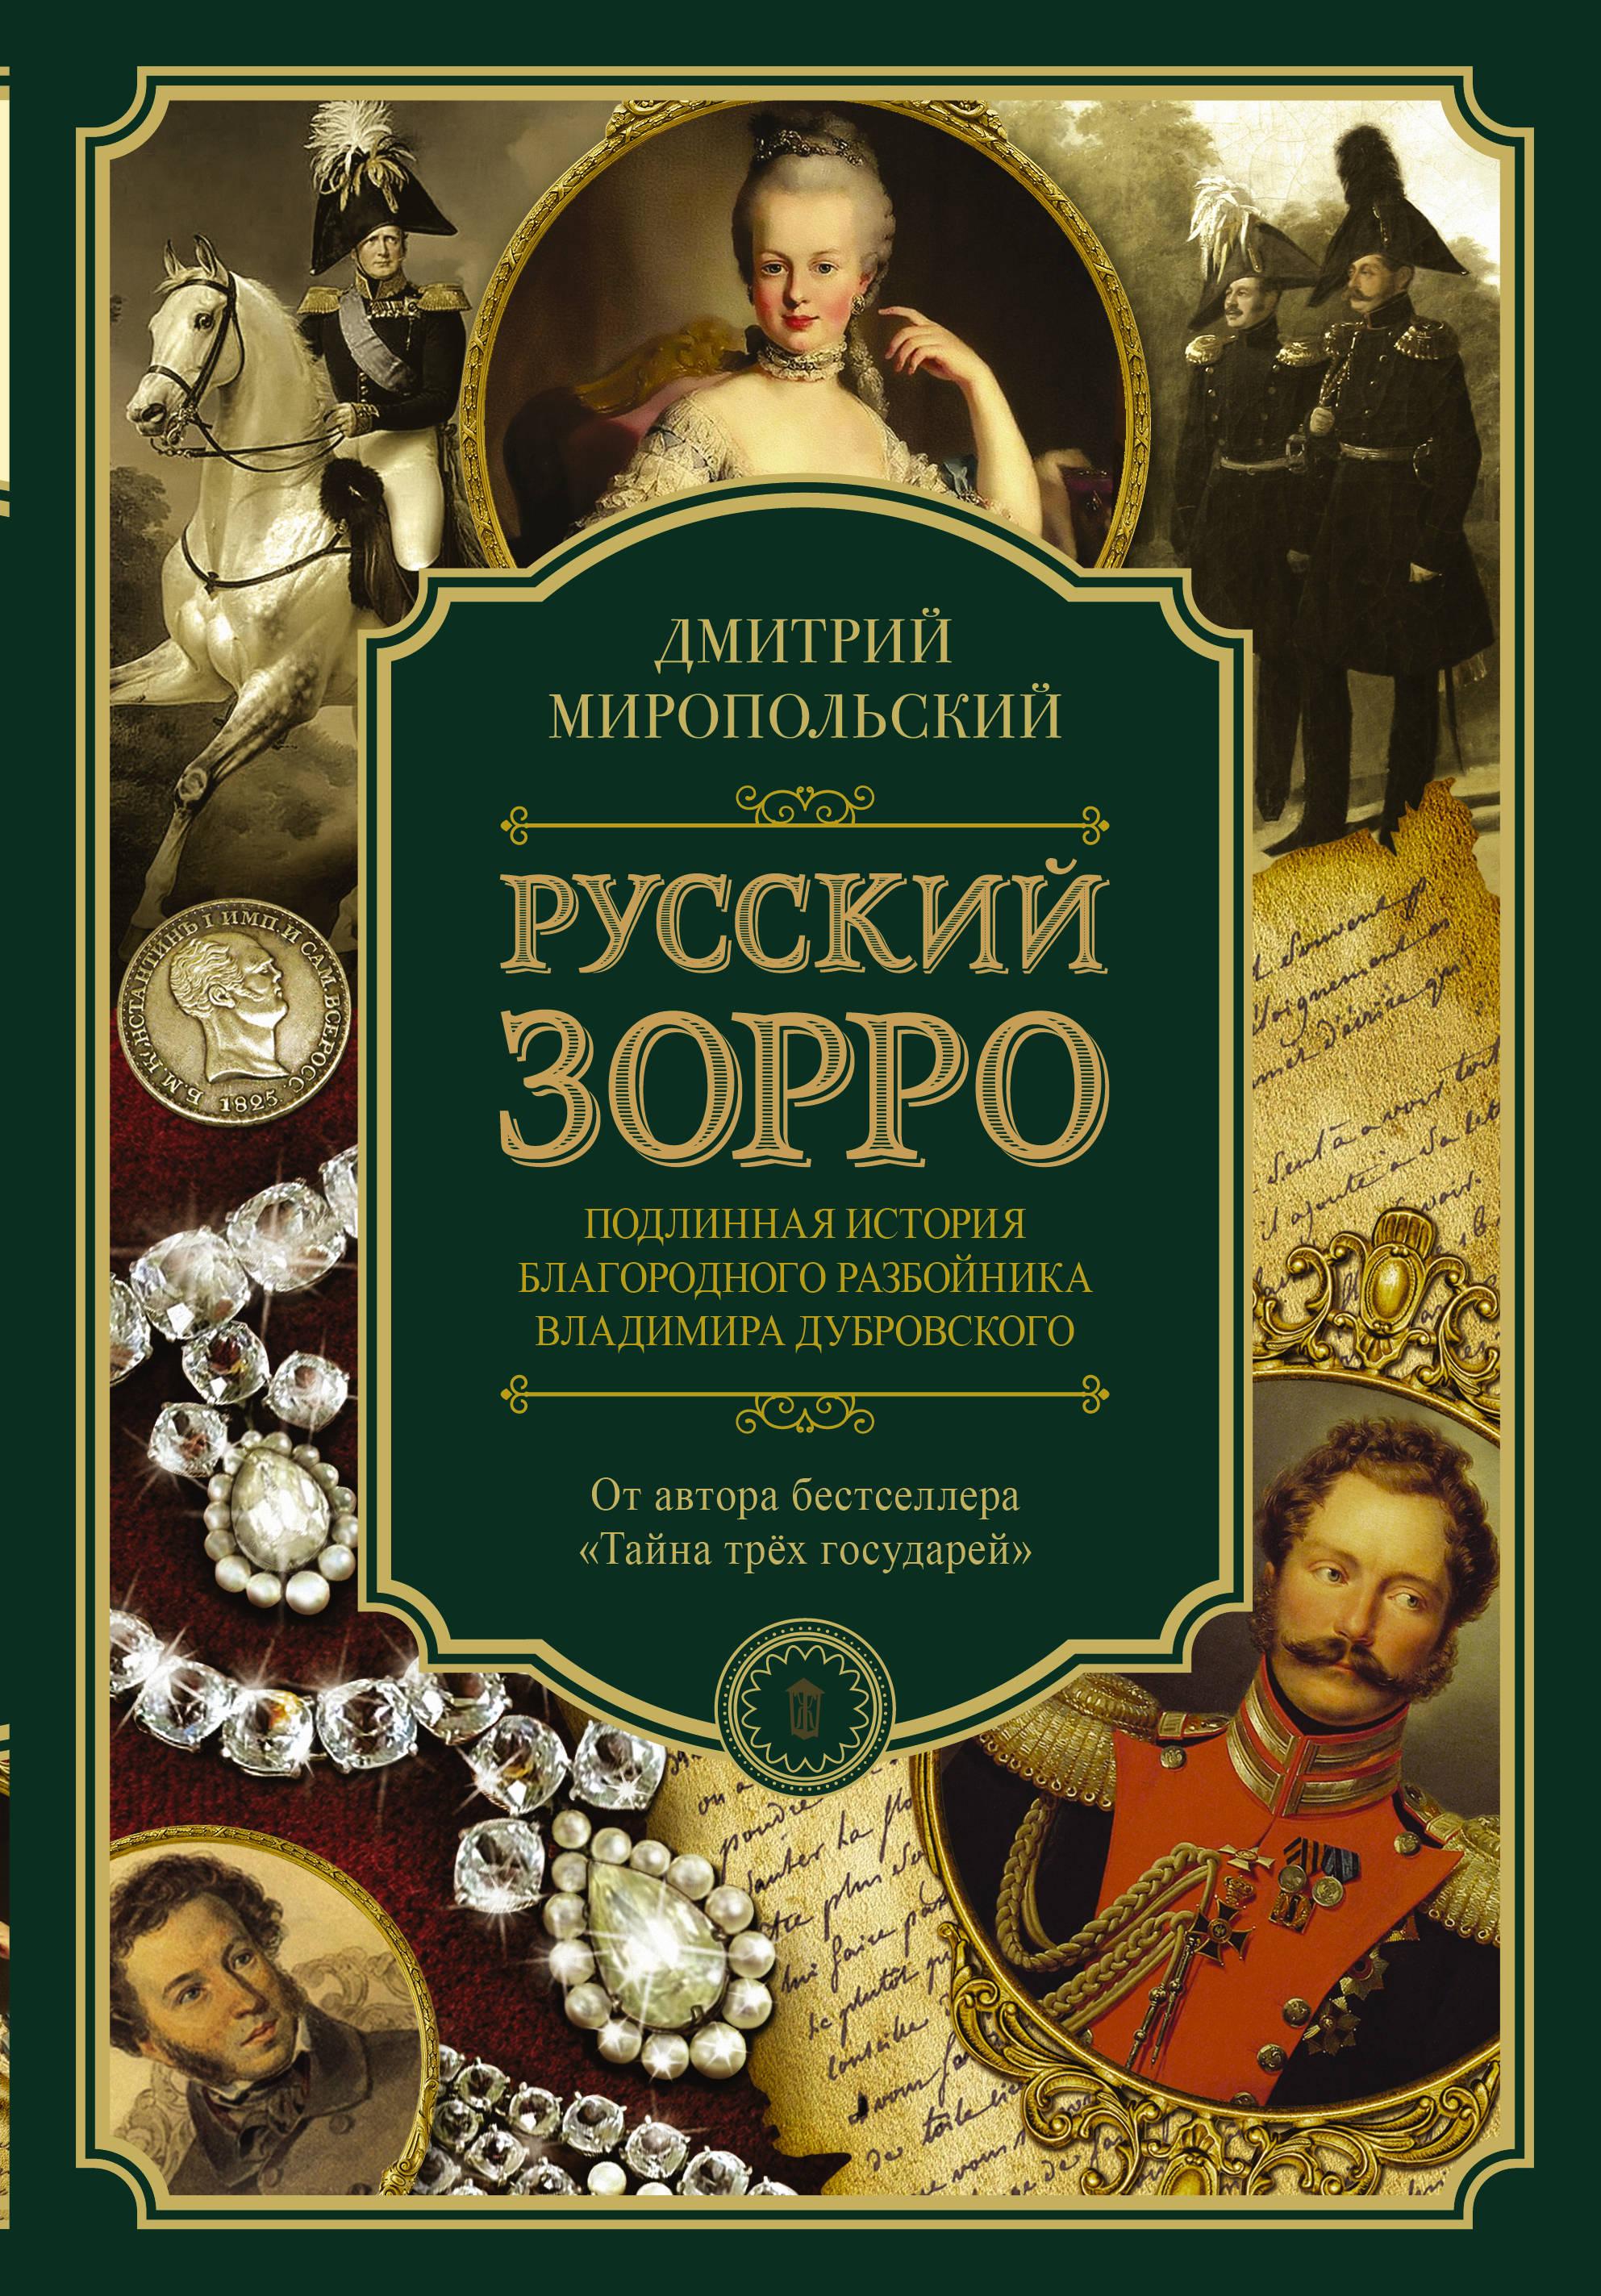 «Русский Зорро, или Подлинная жизнь благородного разбойника Дубровского» Дмитрий Миропольский